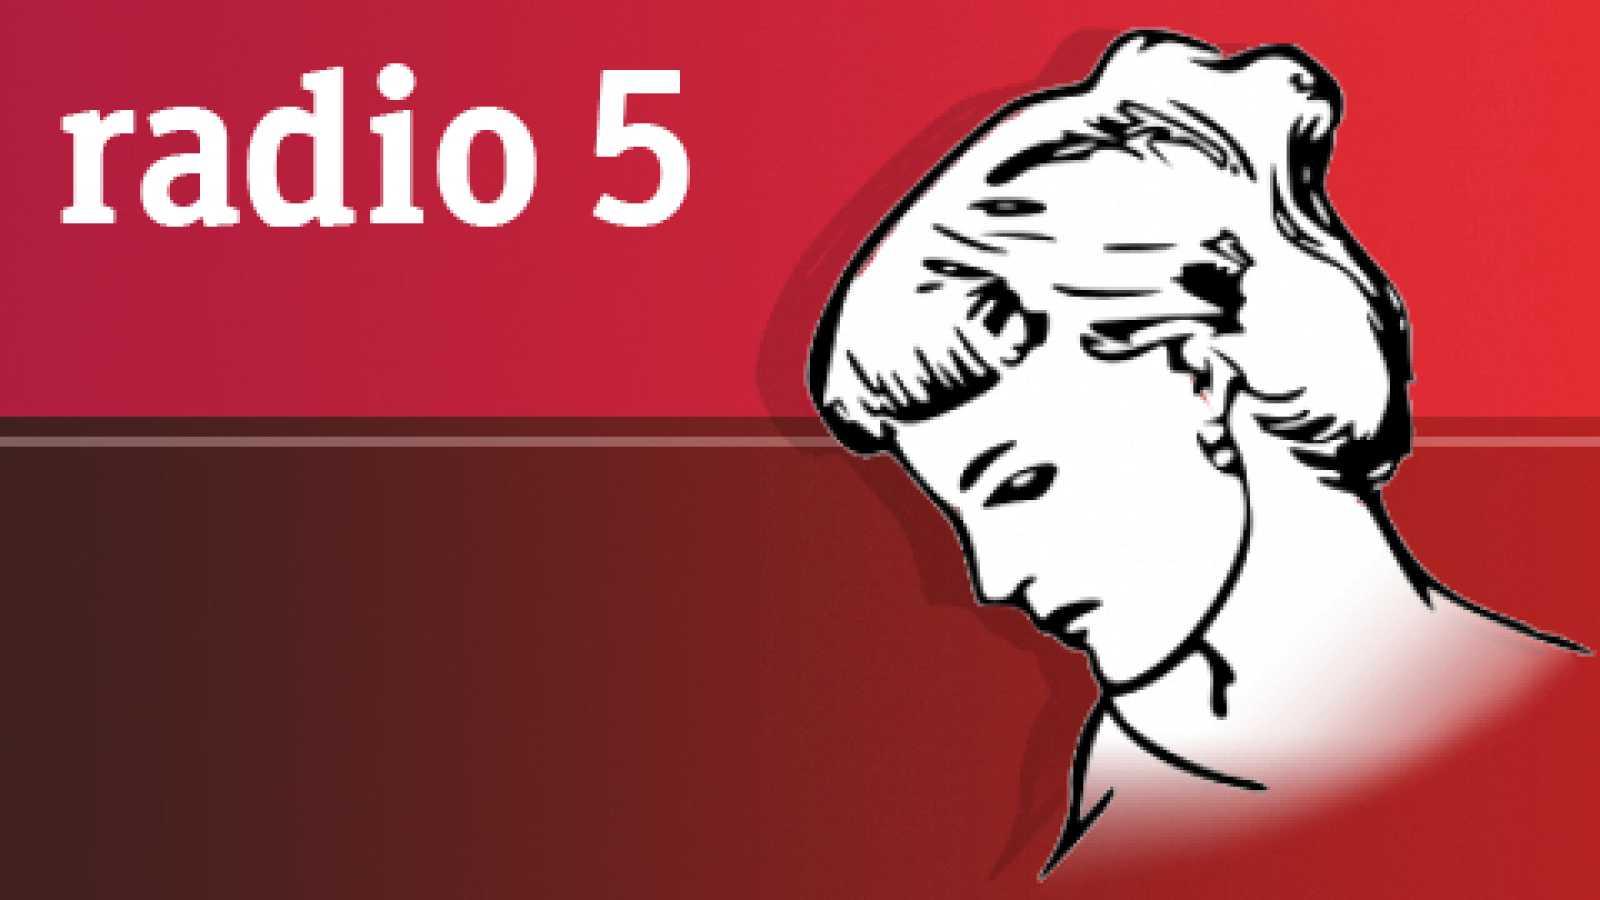 Con voz de mujer - Lucha contra la violencia de género - 02/12/14 - escuchar ahora